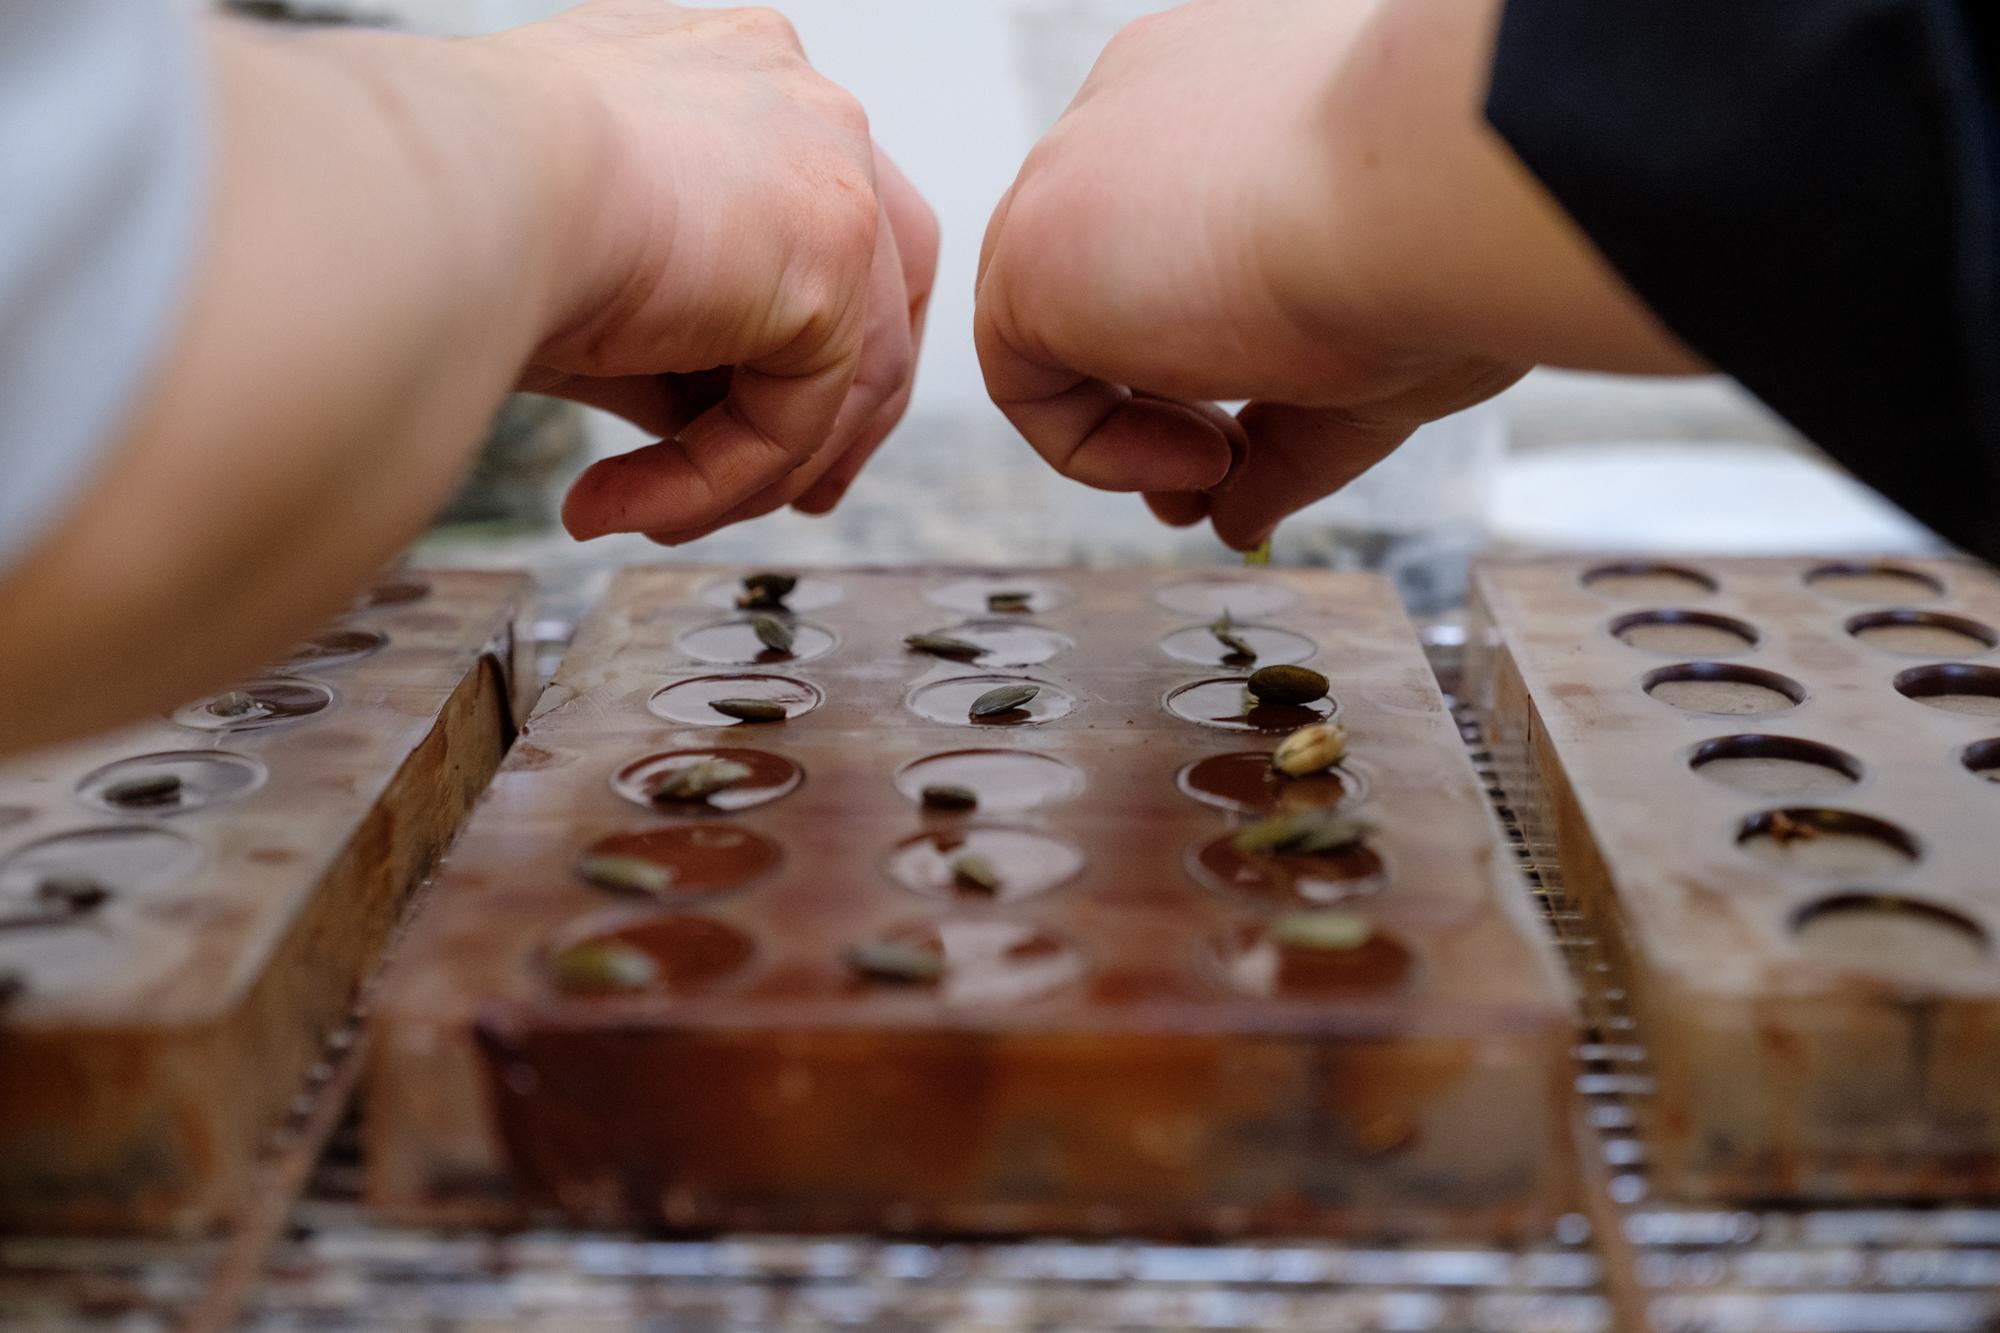 La reconversion d'une ingénieur en chocolatière